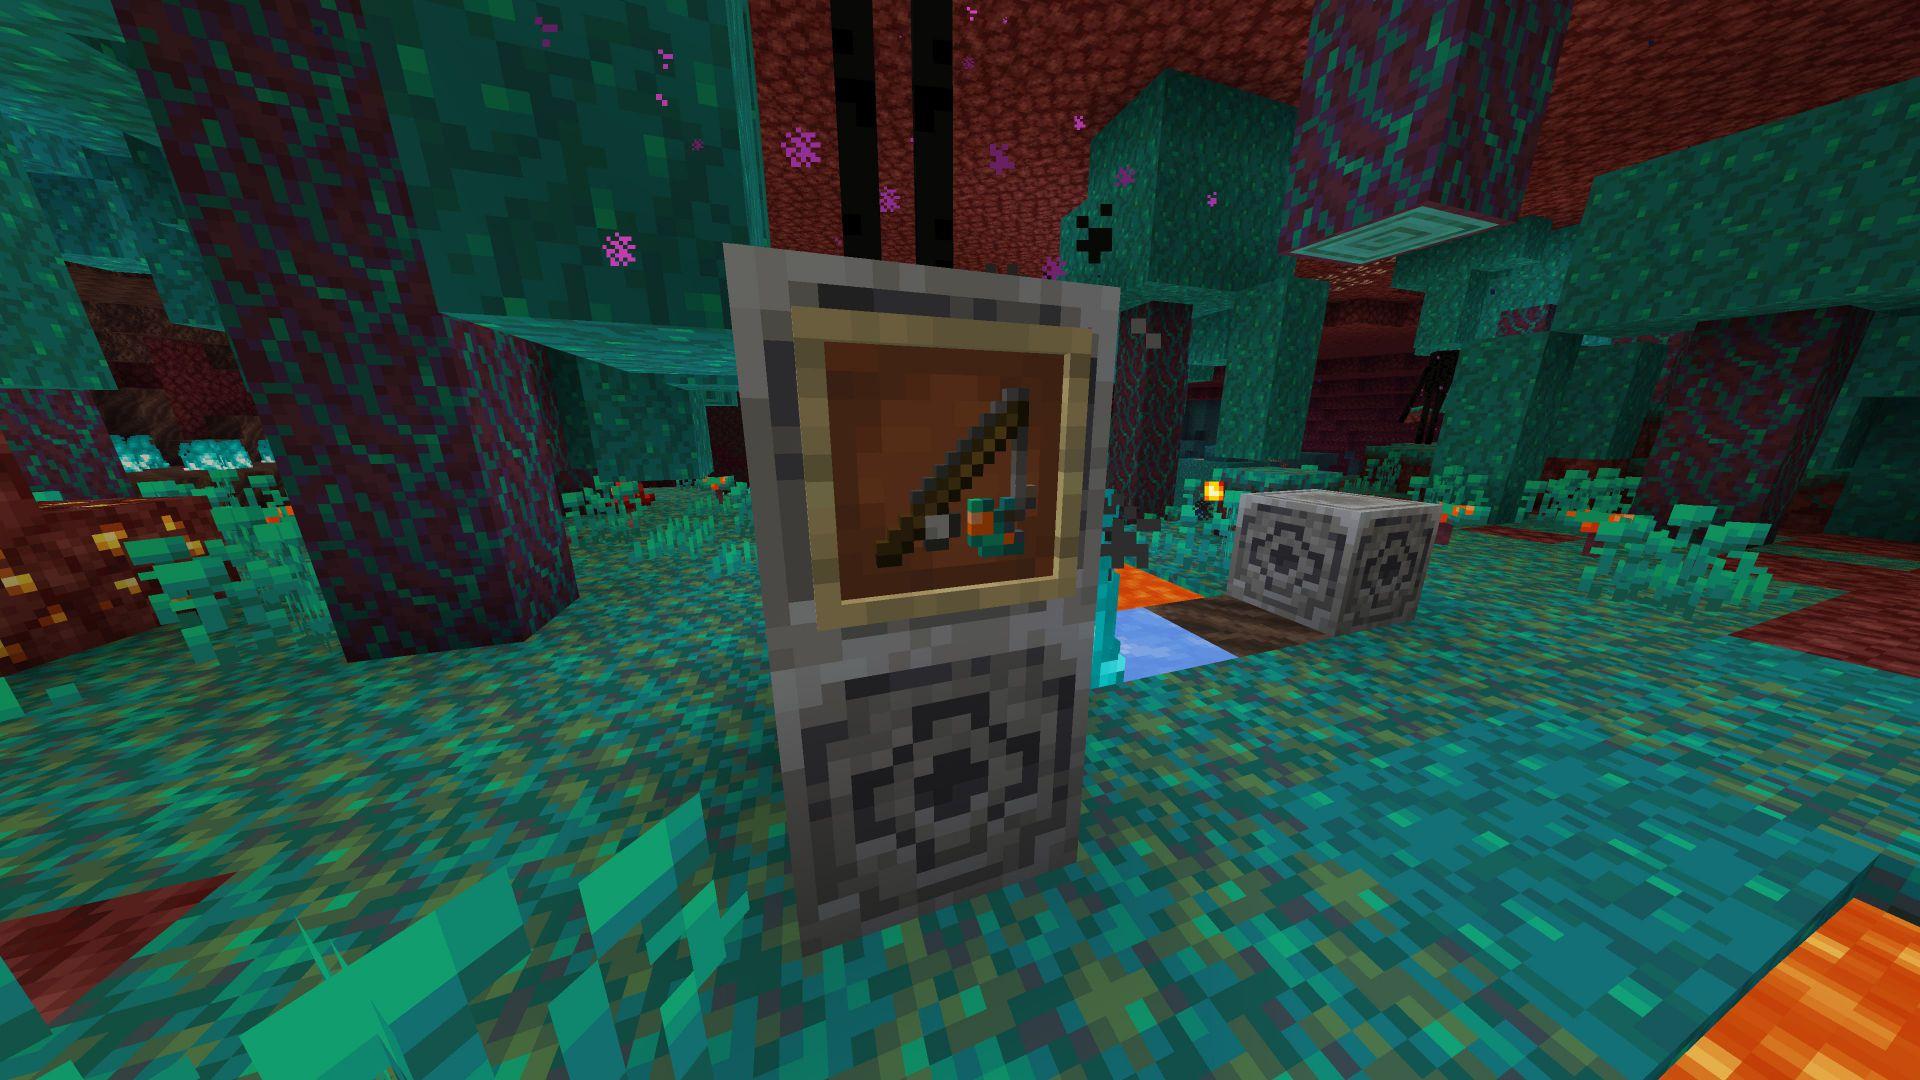 Seta distorsionada en una caña de pescar de Minecraft 1.16 o nether Update en la Snapshot 20W14A